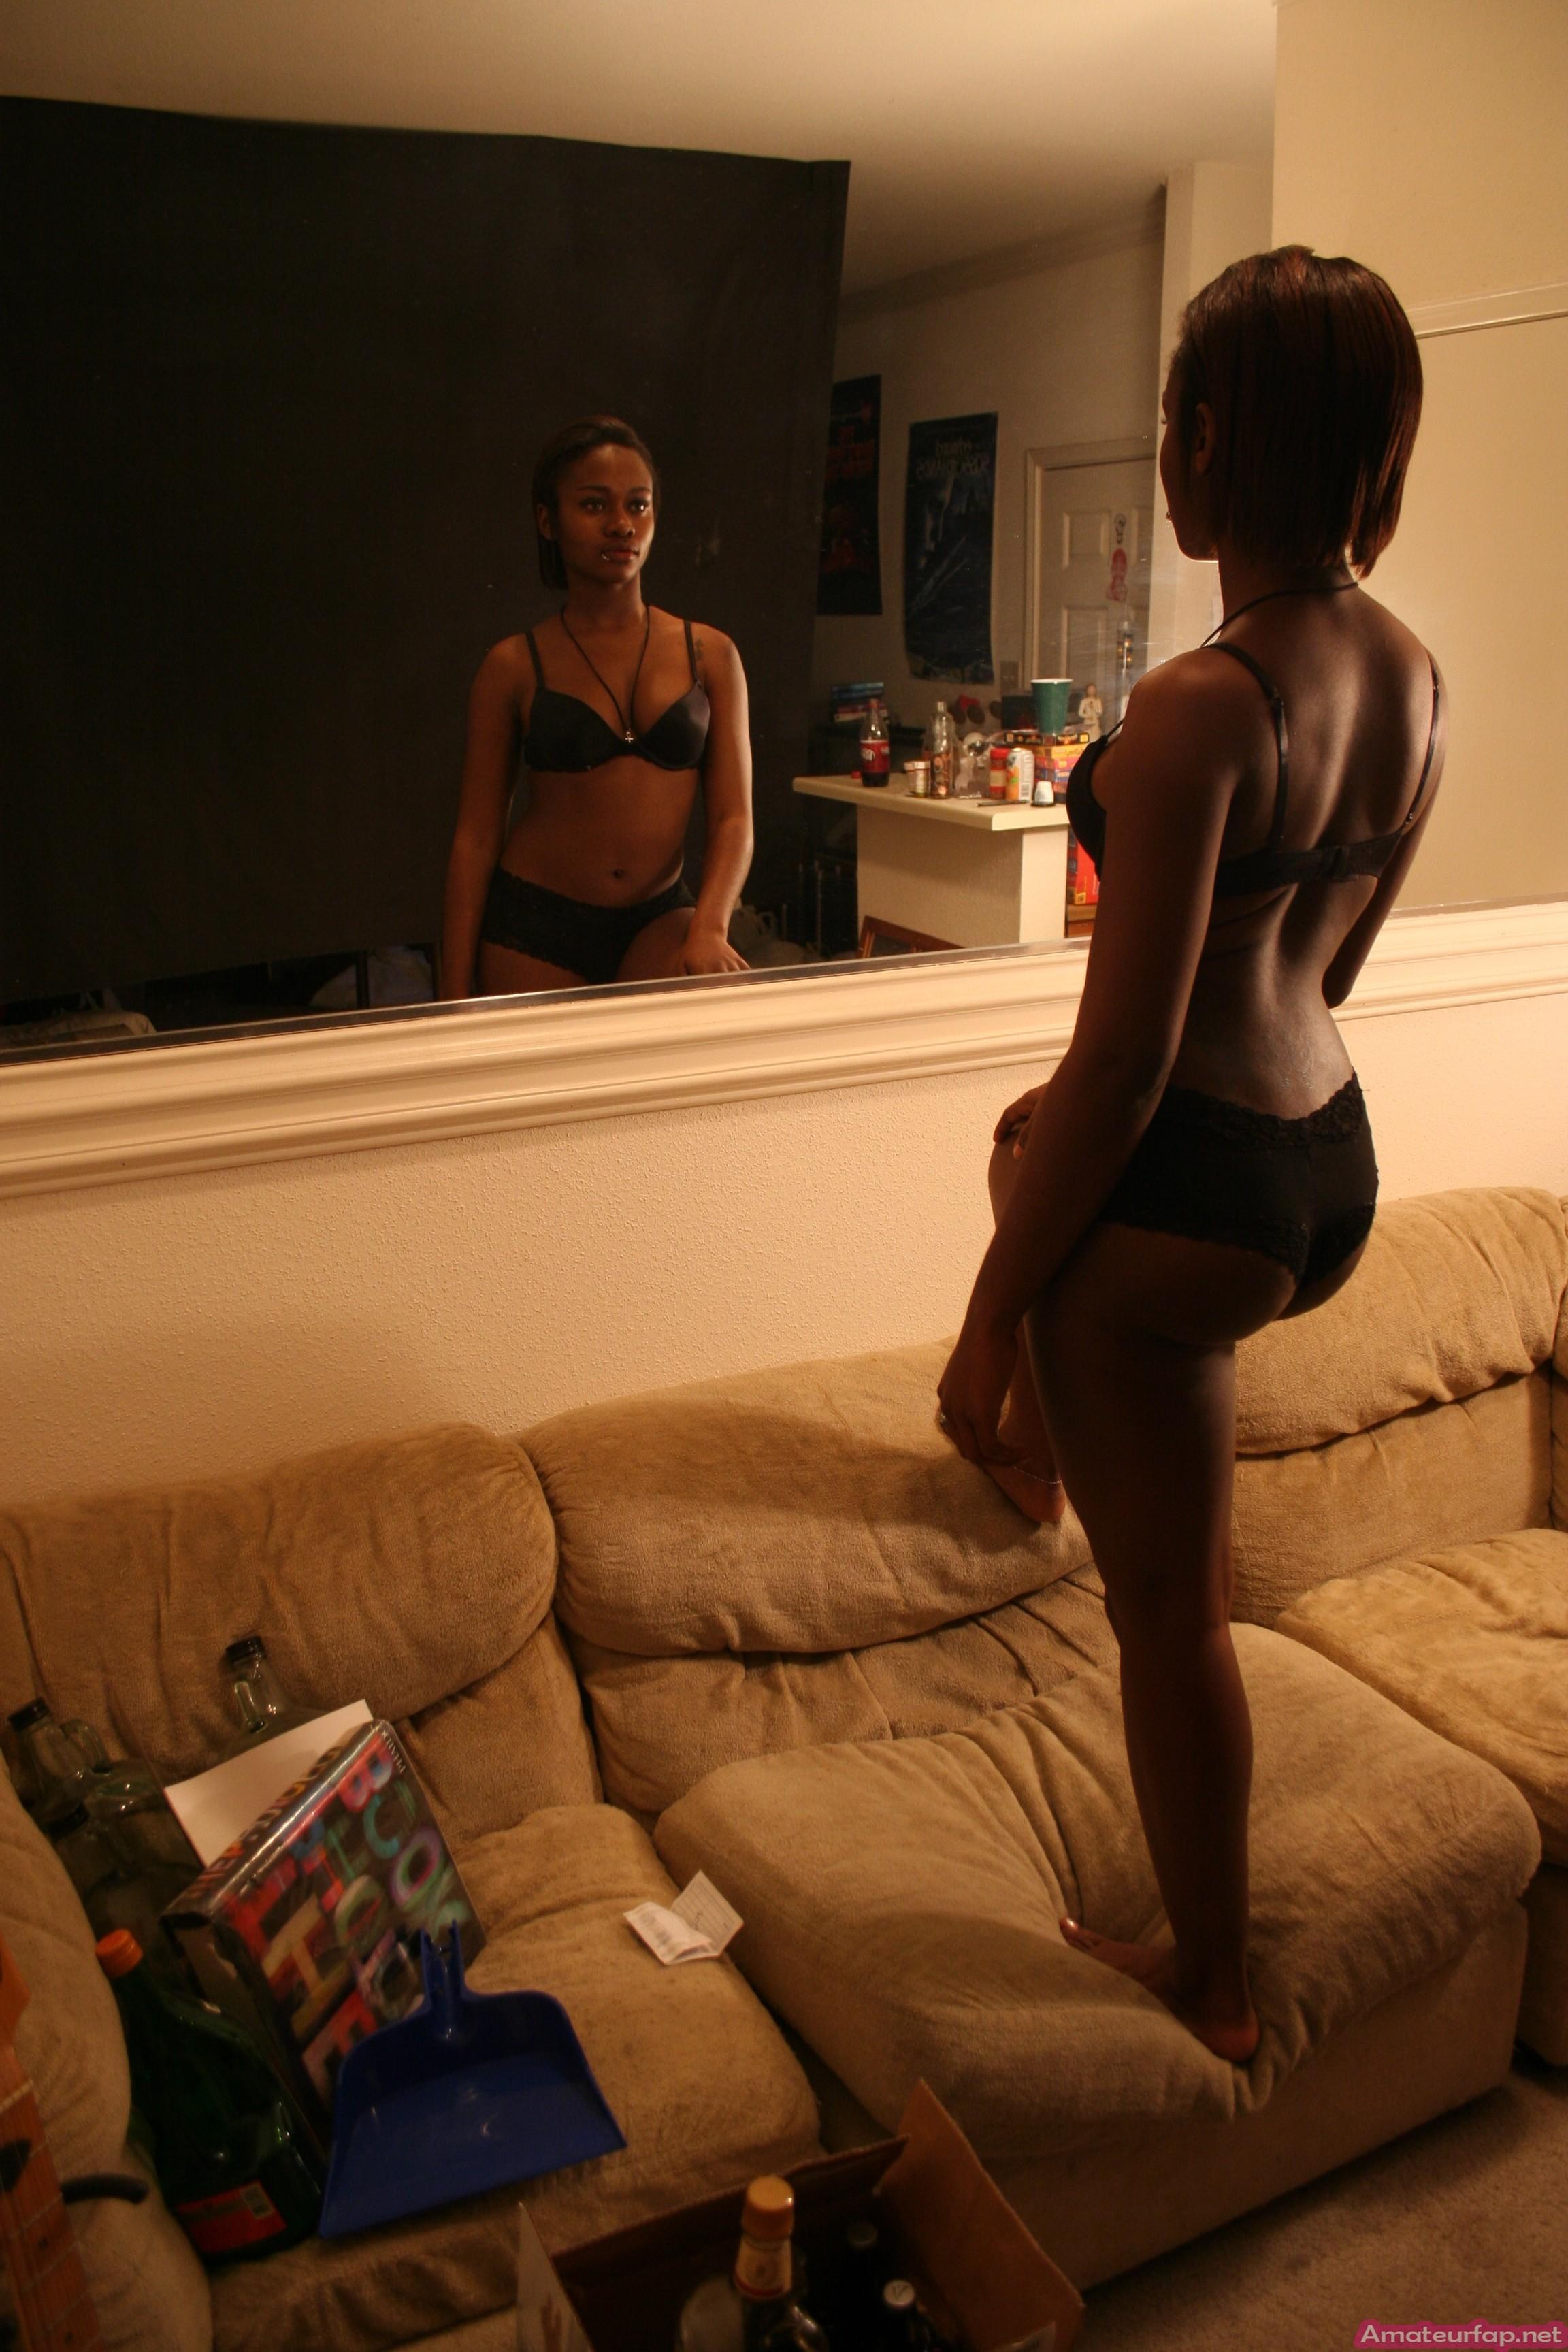 Африканская девушка показывает экзотическое тело в обнажённом виде прямо перед камерой